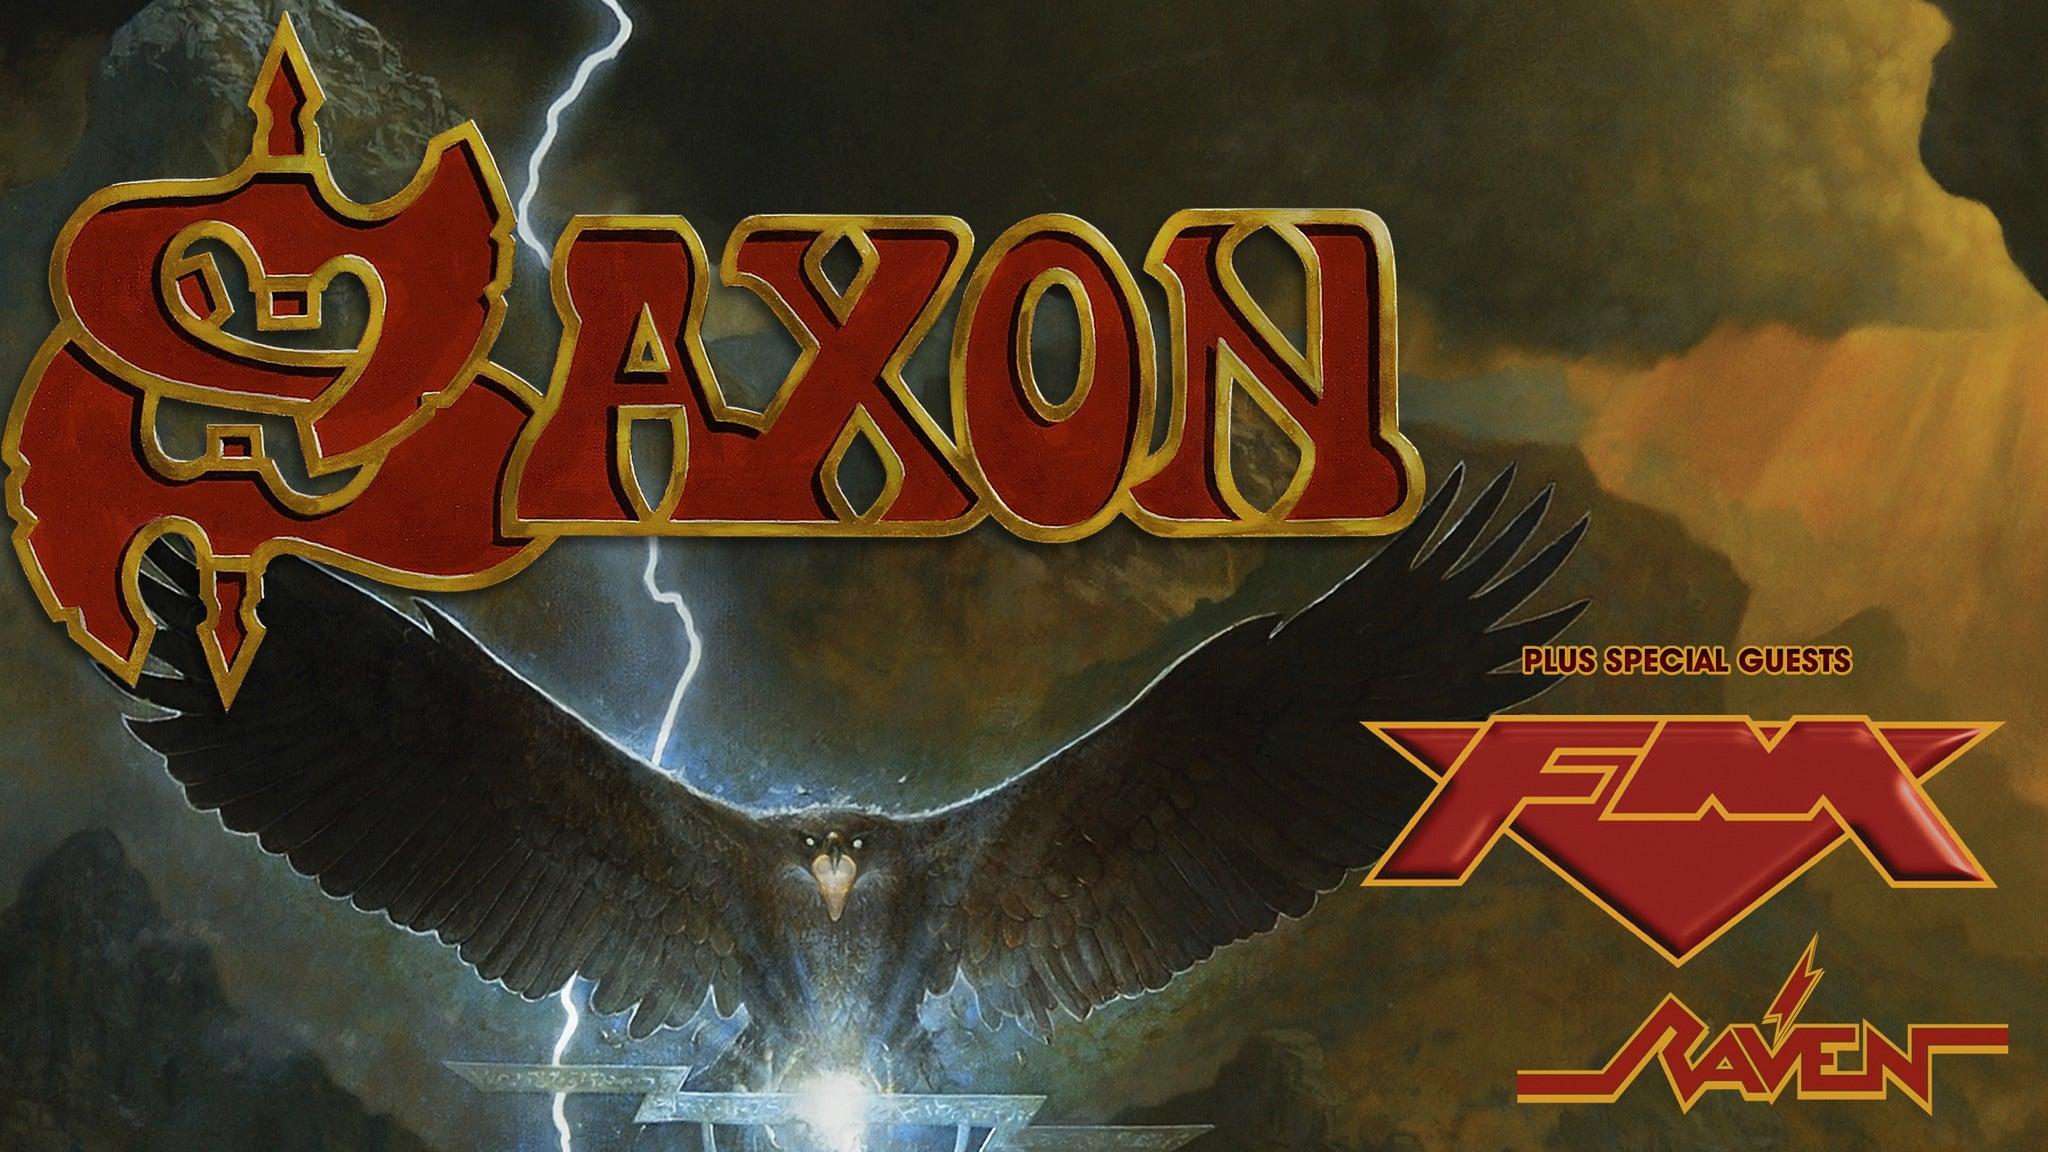 Saxon at Center Stage Theater - Atlanta, GA 30309